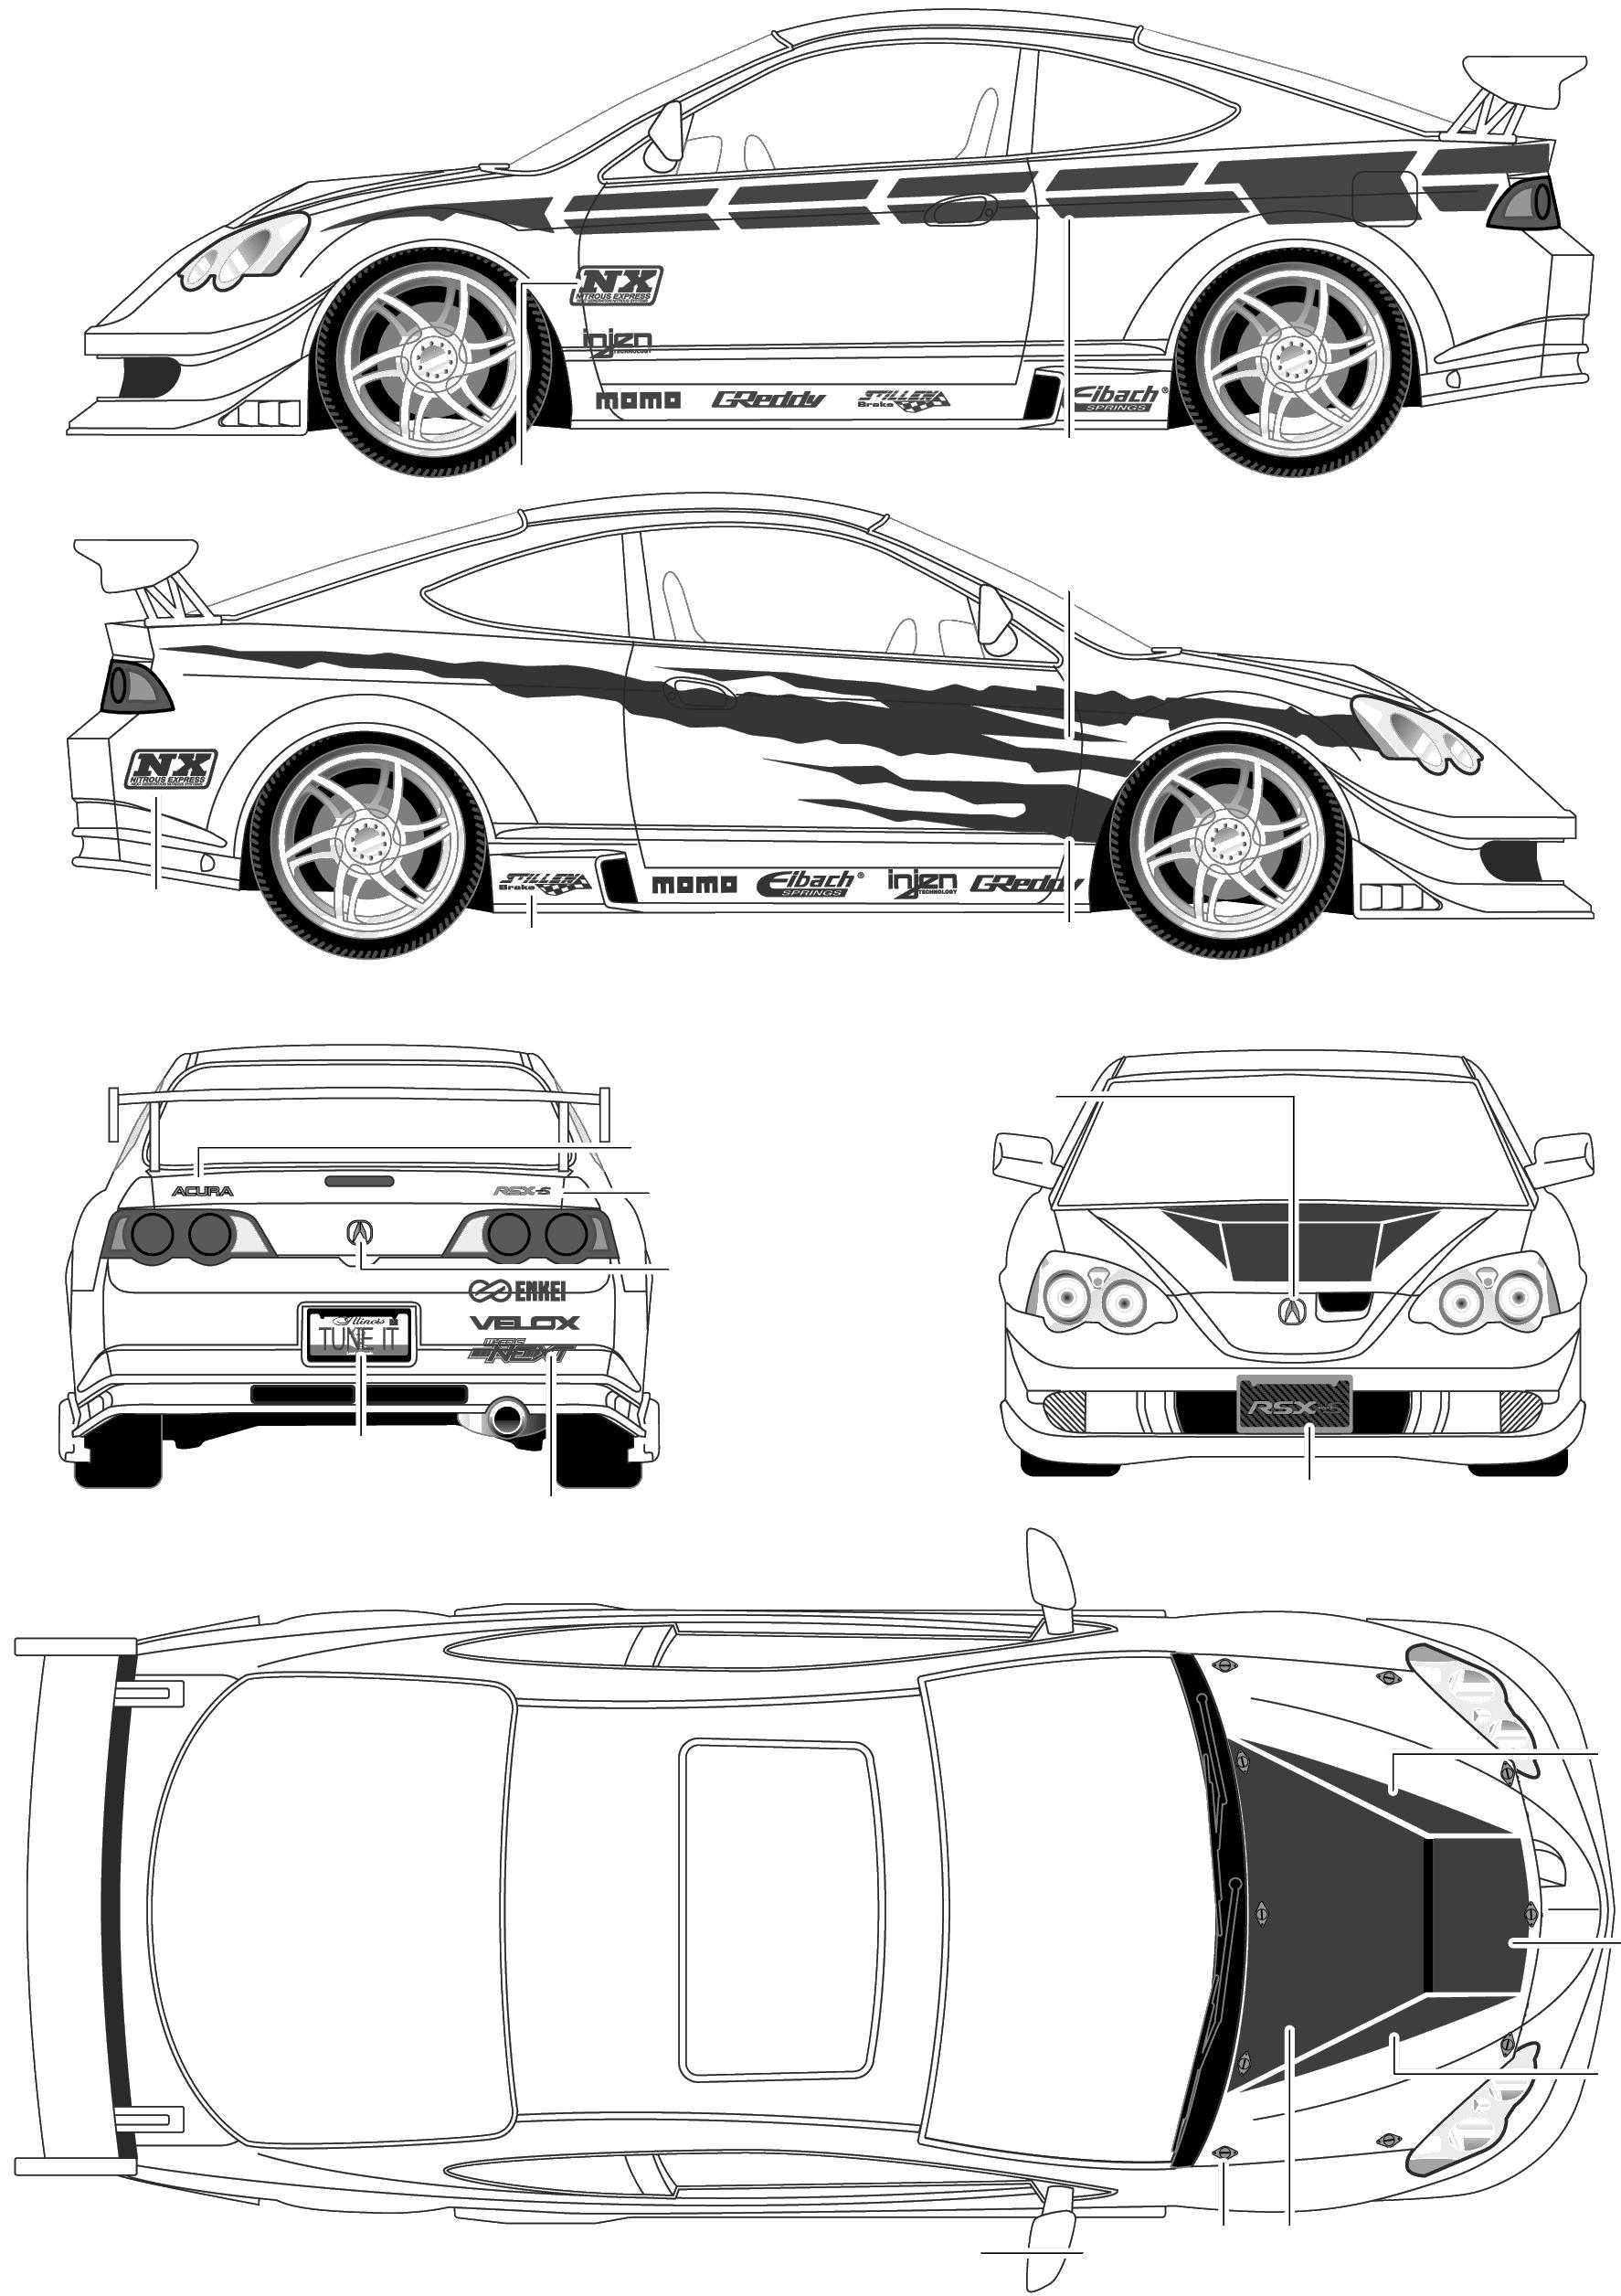 Acura RSX Type S blueprints